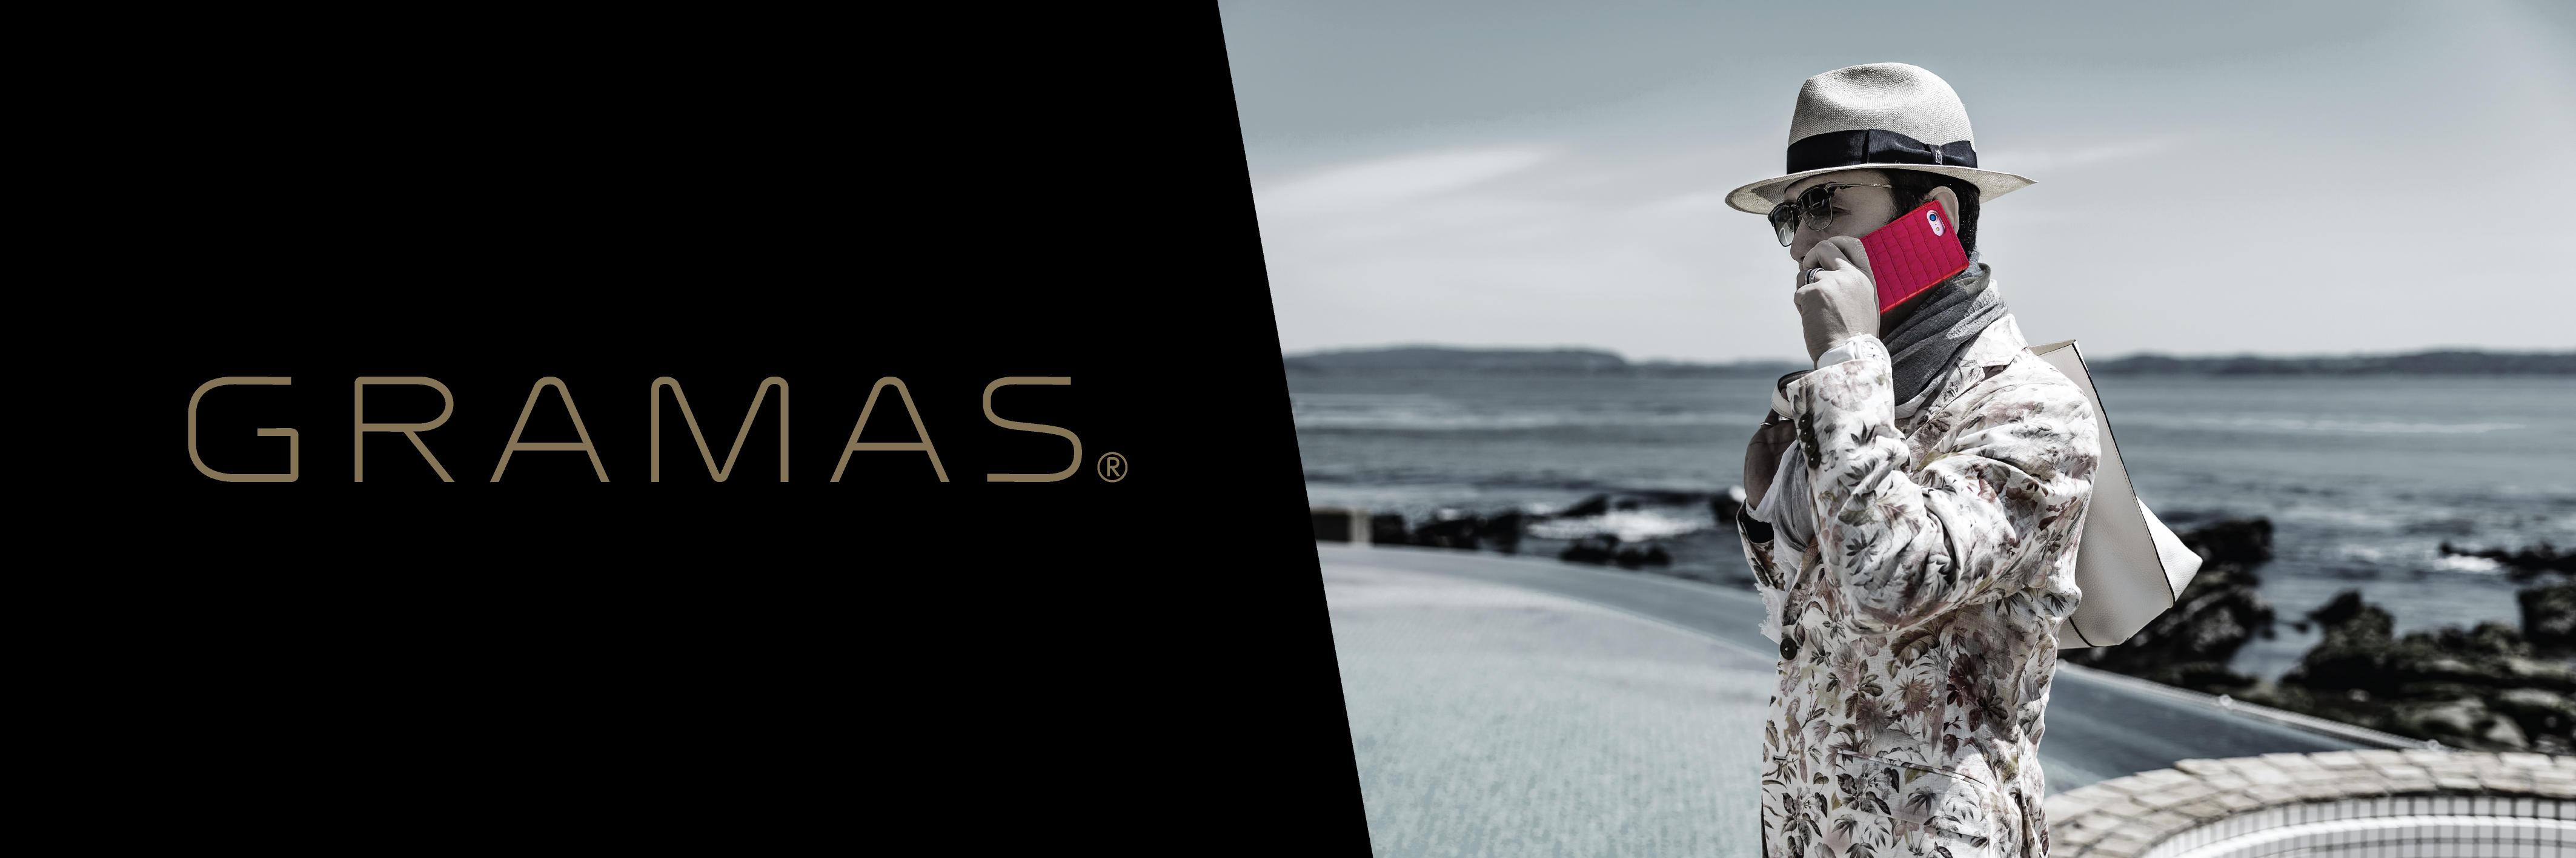 GRAMAS-Webite-Banner-Design.jpg